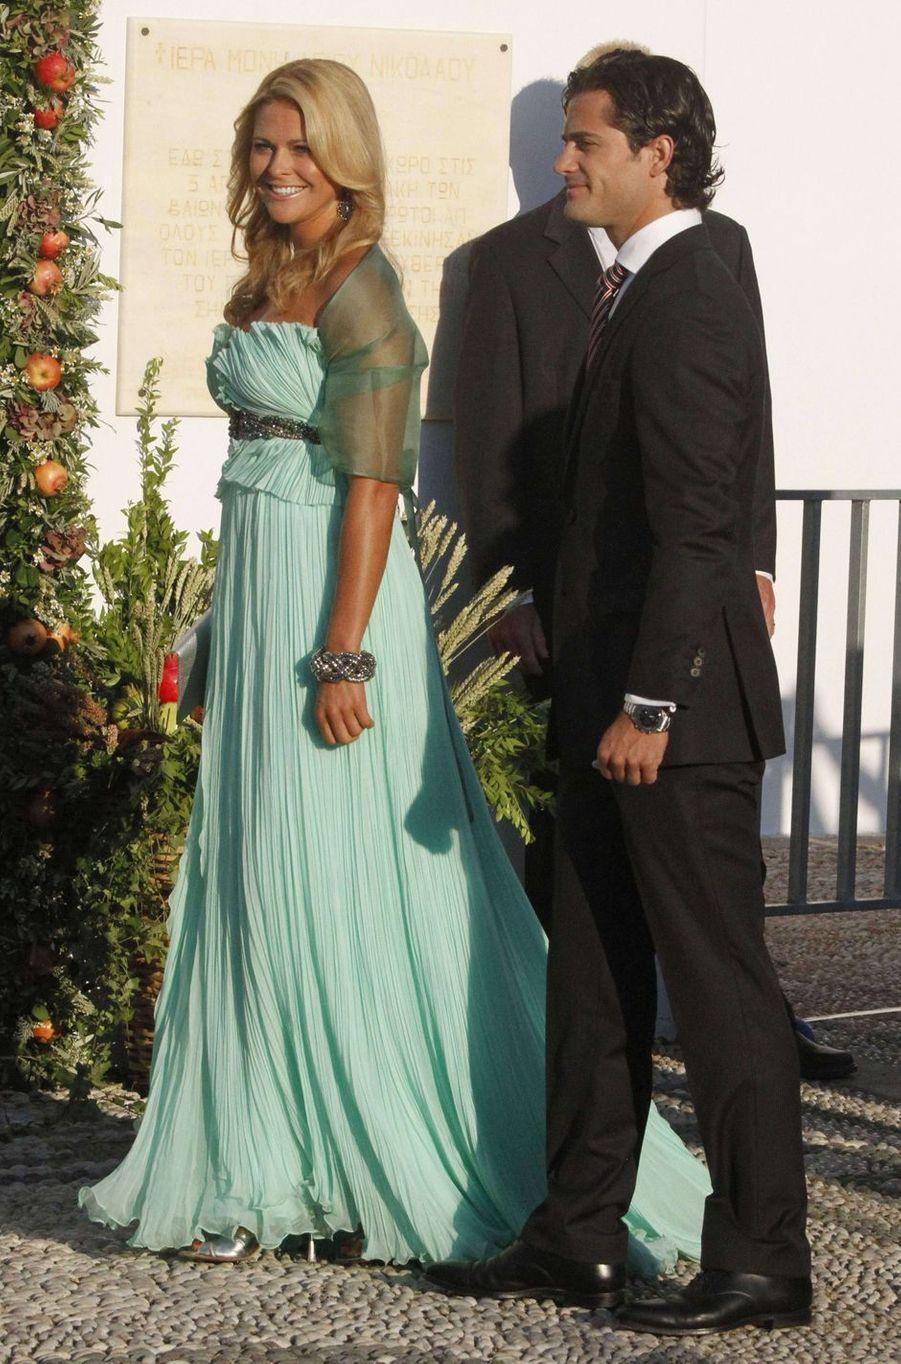 La princesse Madeleine et le prince Carl Philip de Suède sur l'île de Spetses, le 25 août 2010